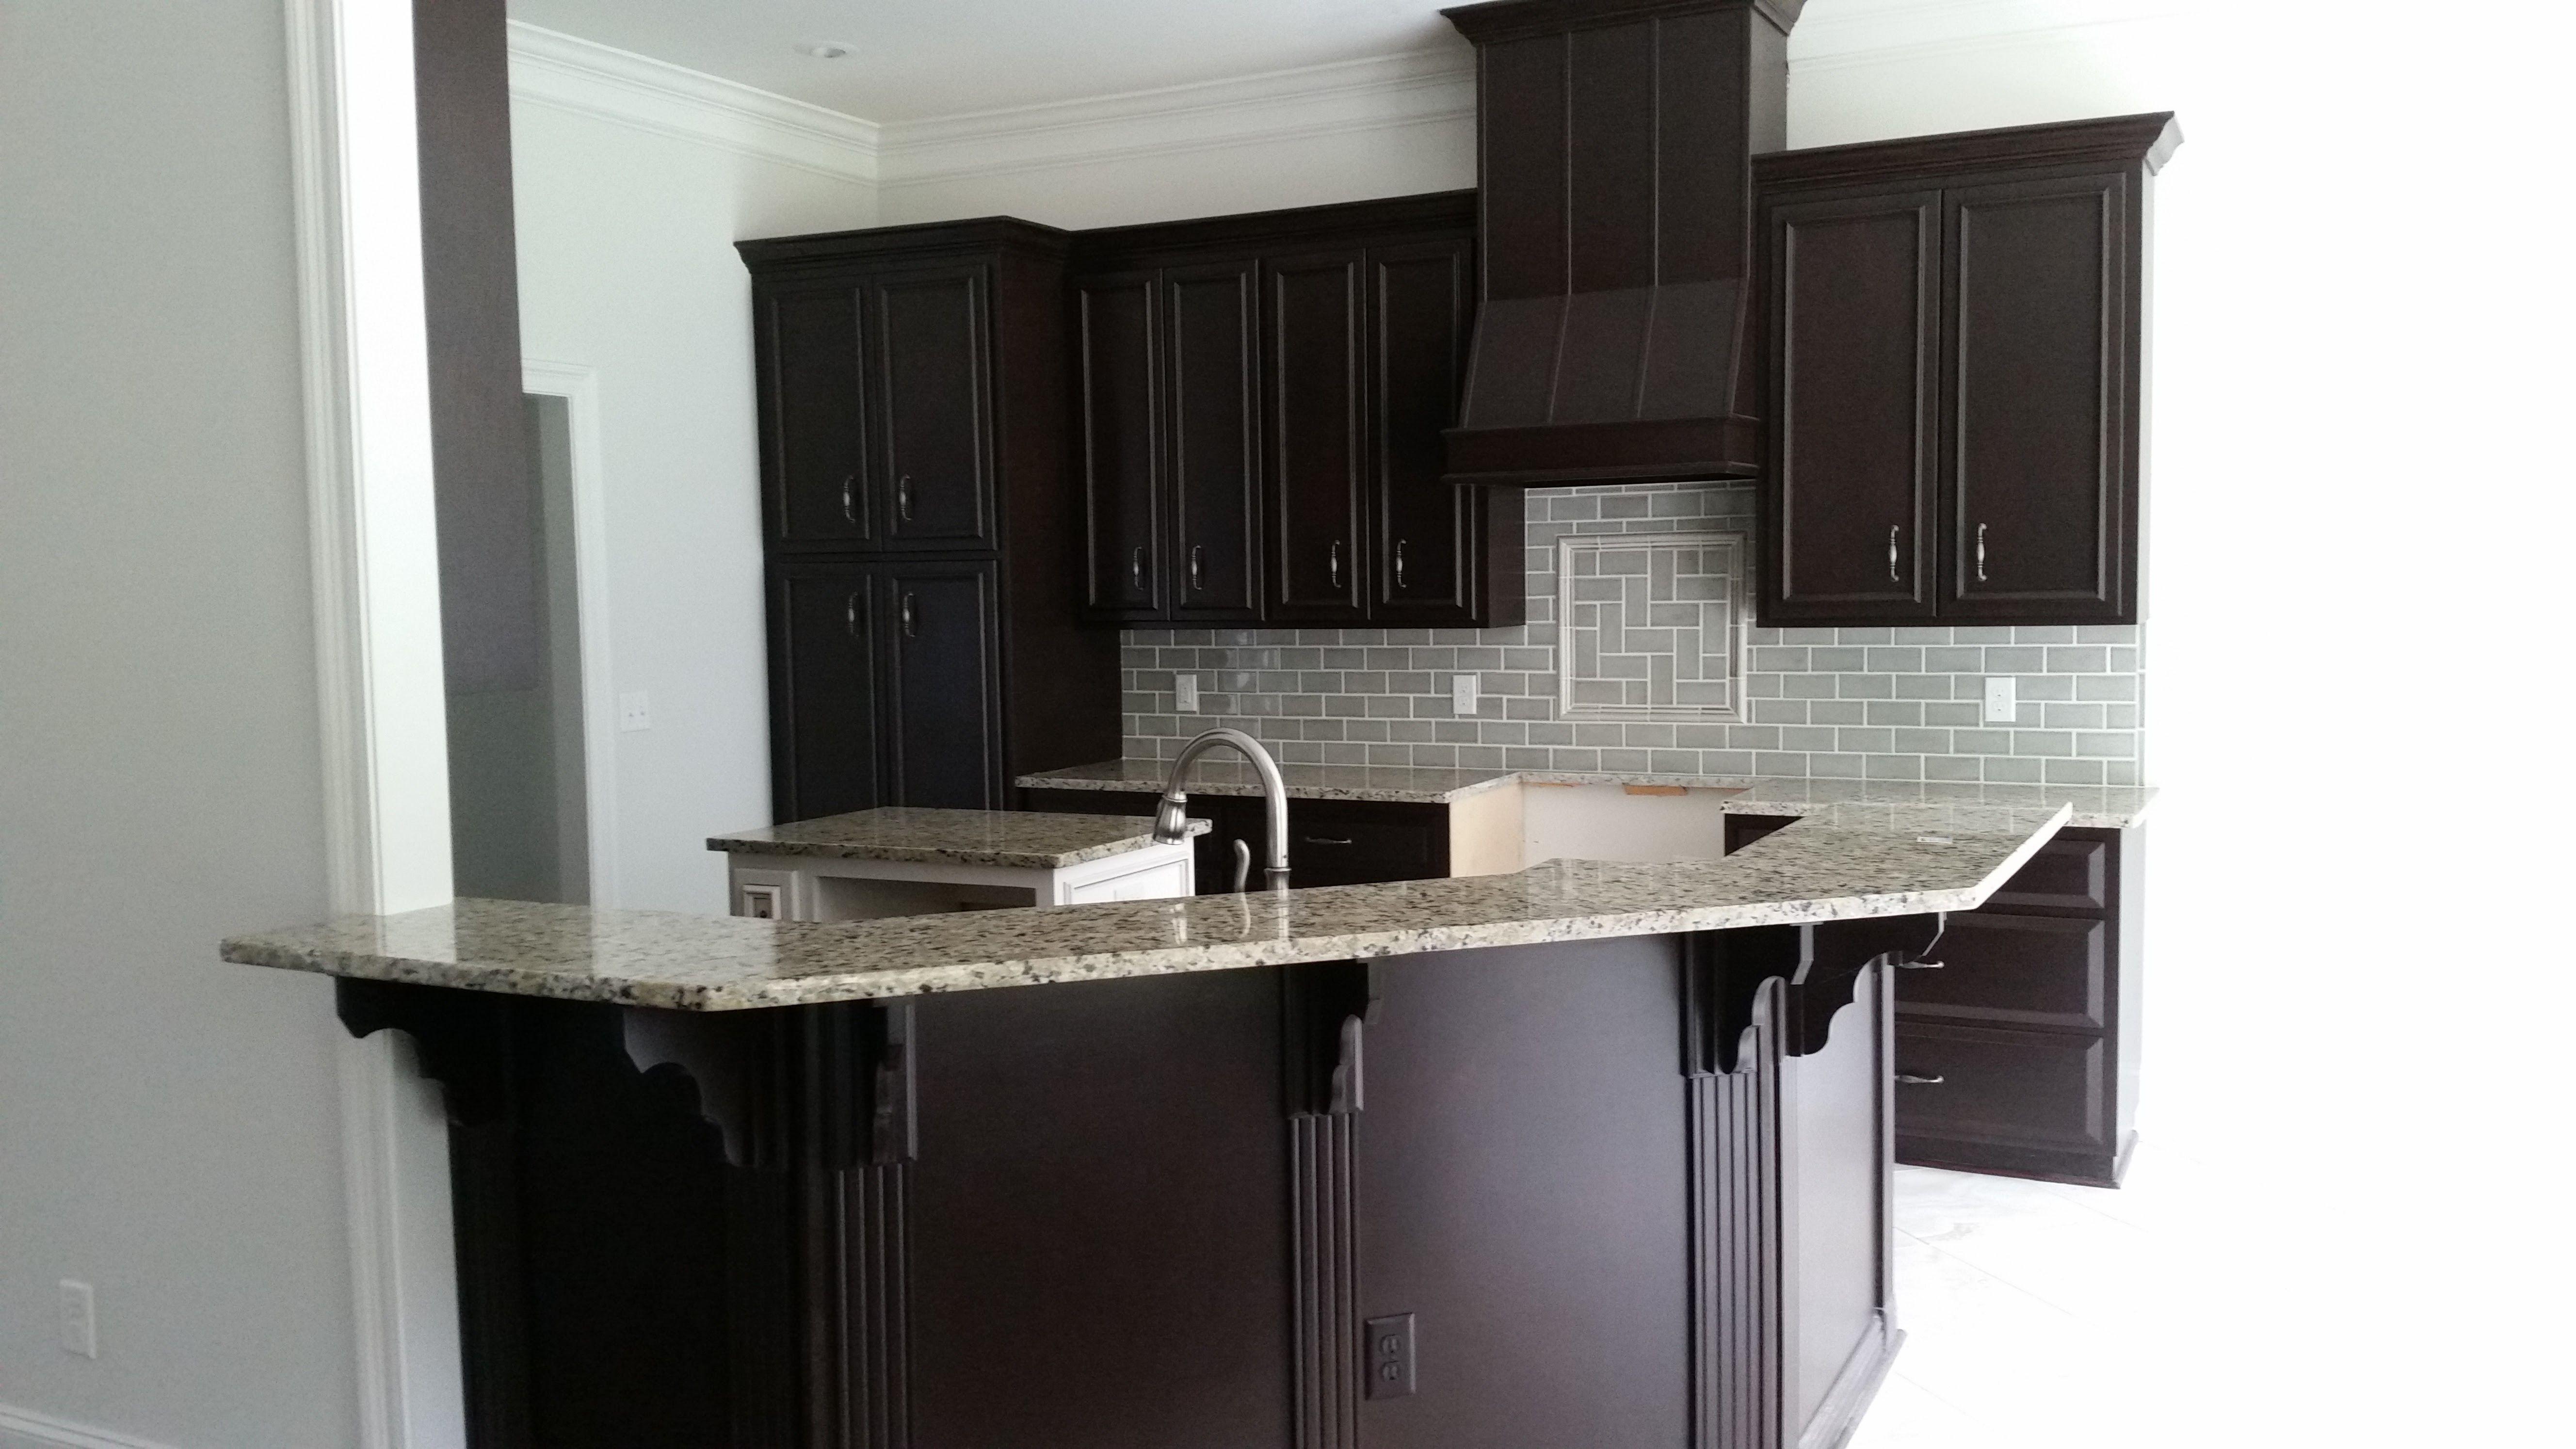 Dark Stain Cabinets Dark Cabinets Kitchen Cabinets Dark Kitchen Cabinets Staining Cabinets Custom Cabinets